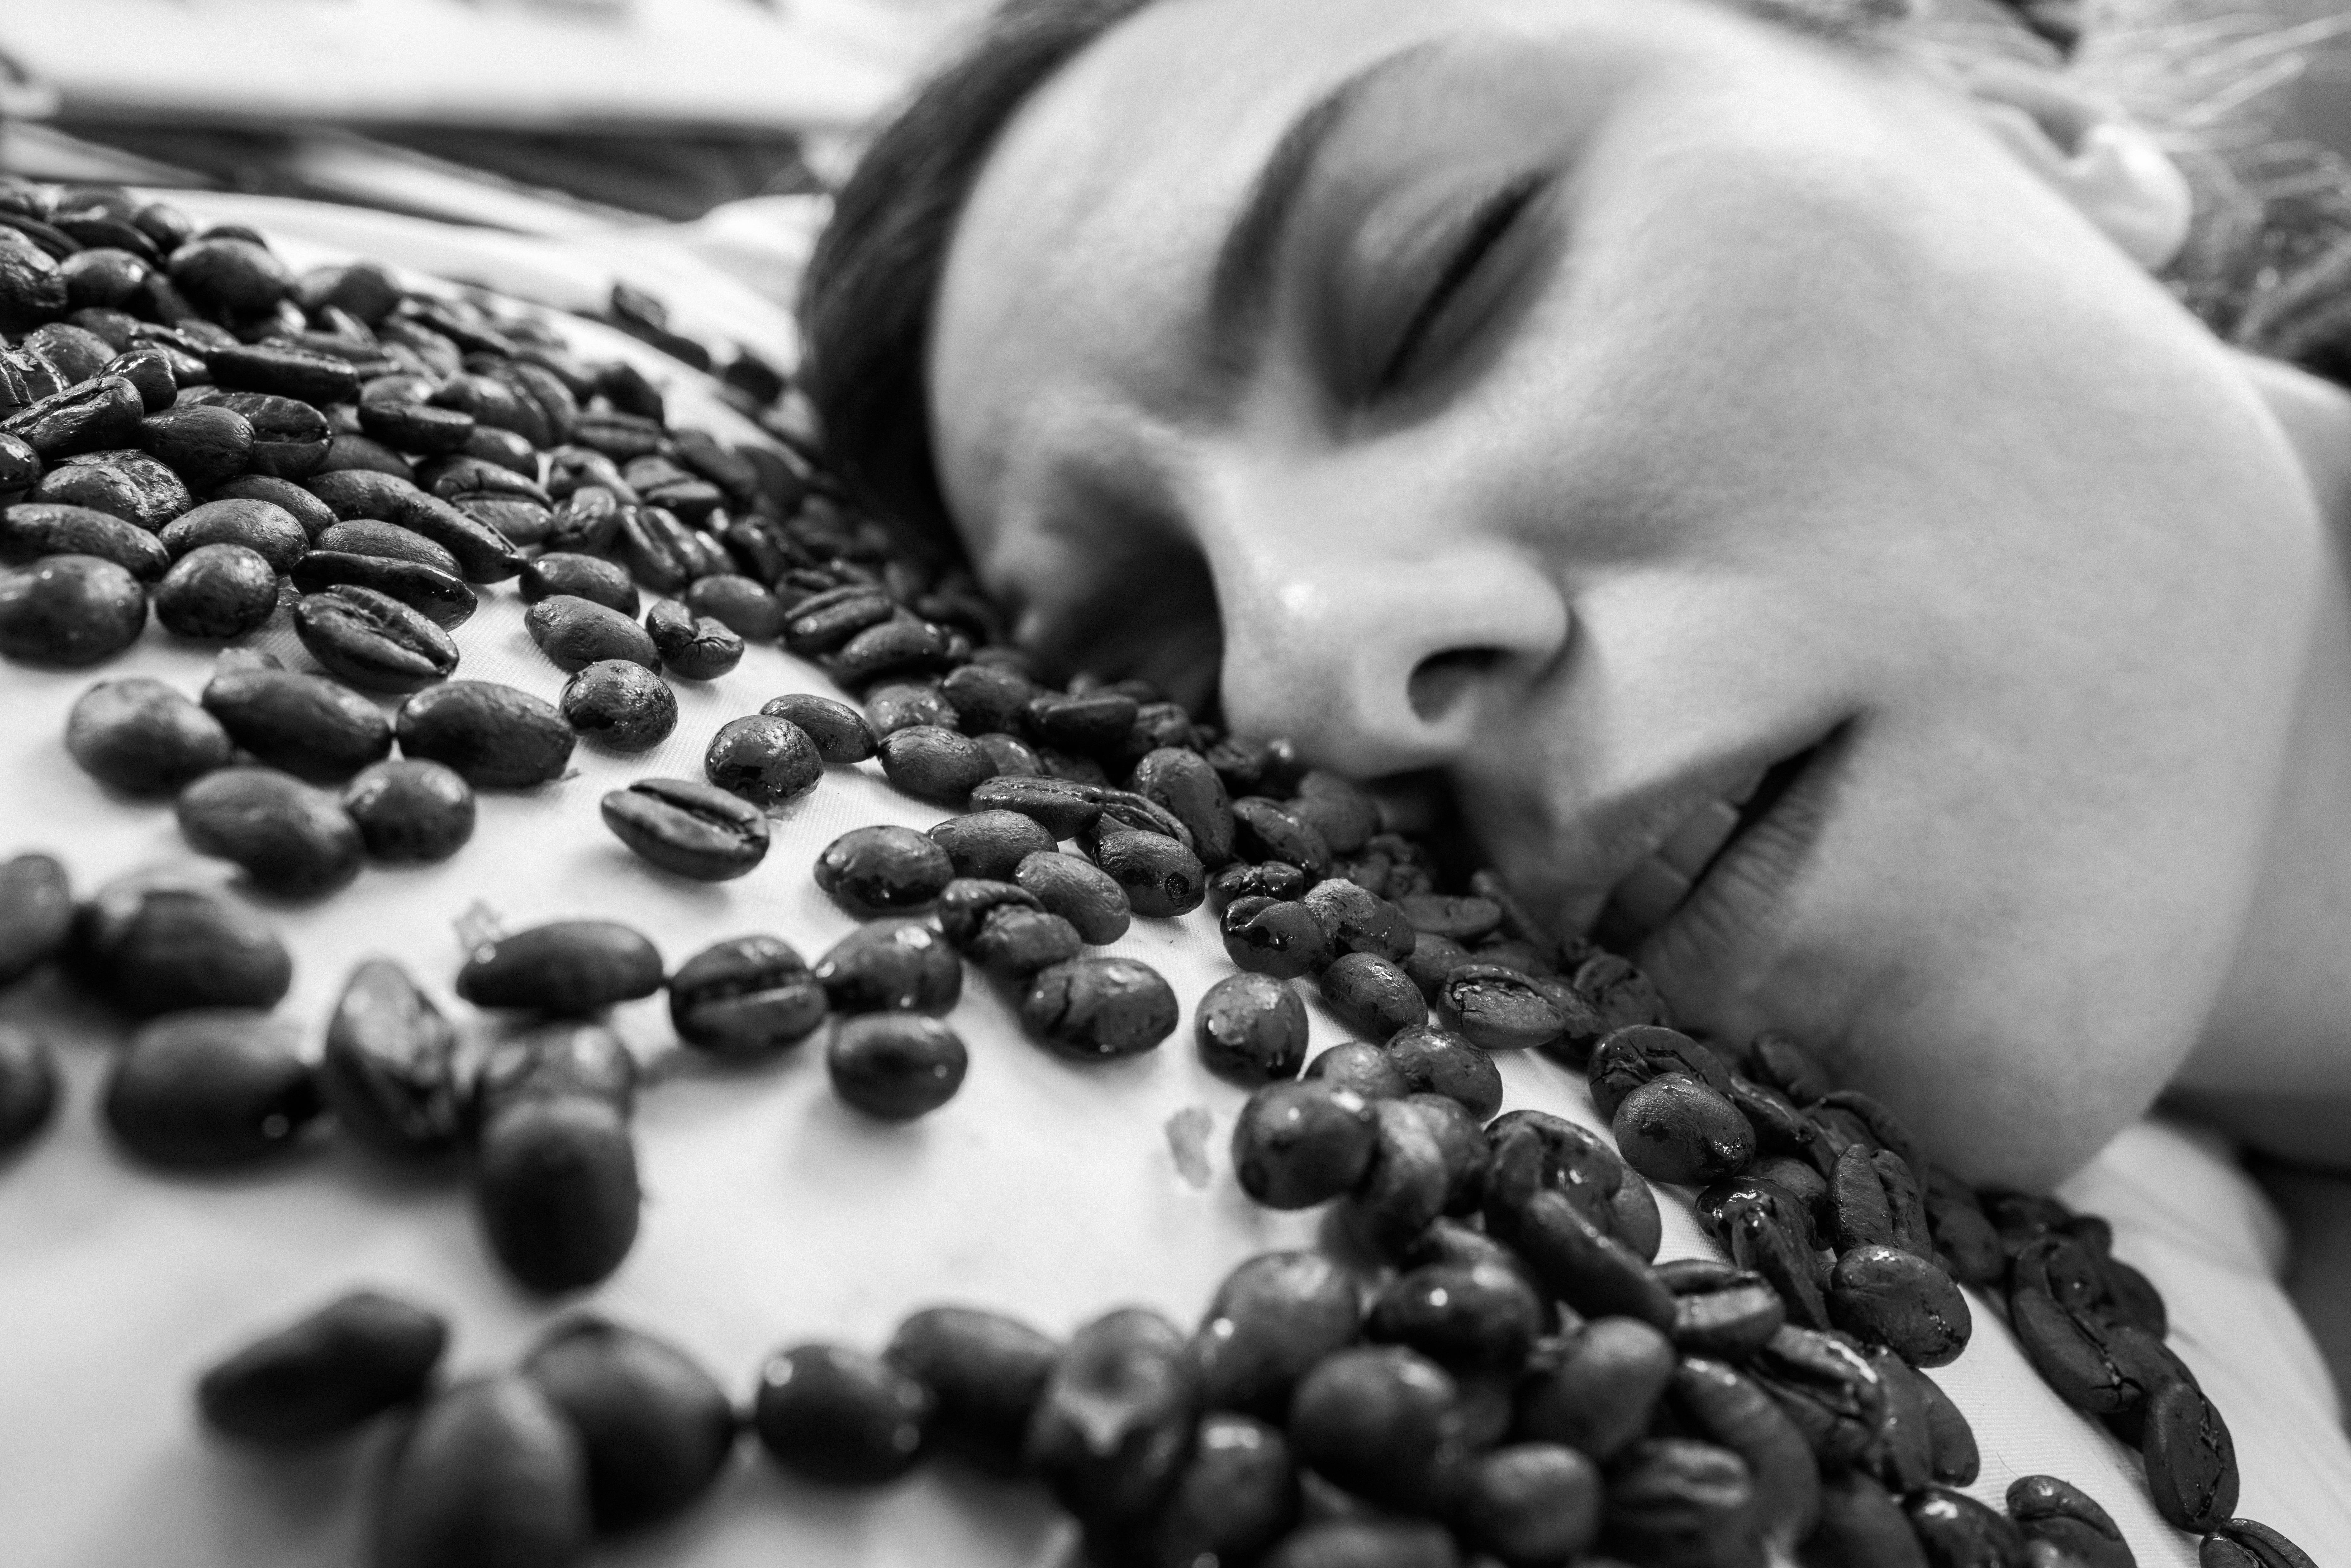 Gratis stockfoto downloaden gratisography-sleeping-coffee-beans